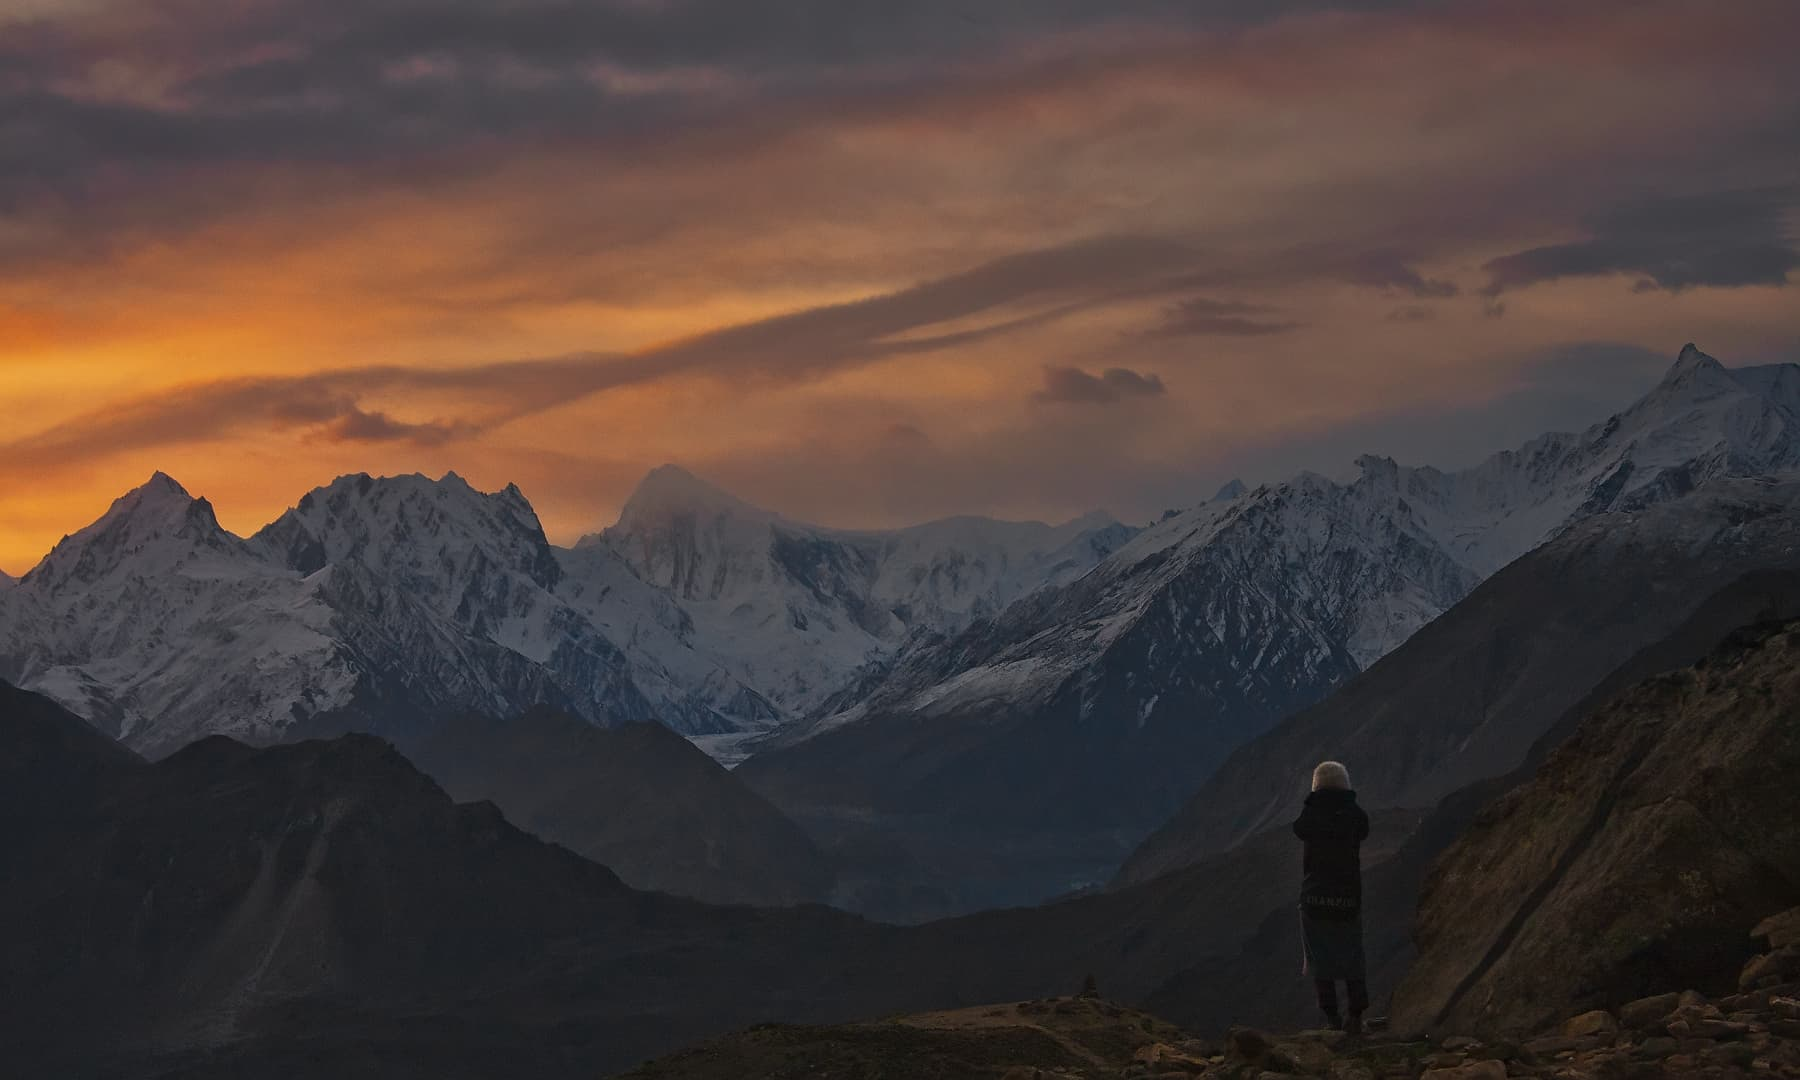 ہنزہ سے نگر کا منظر: گولڈن پیک، گلگندر، اور چھوٹوکان پیک — فوٹو سید مہدی بخاری